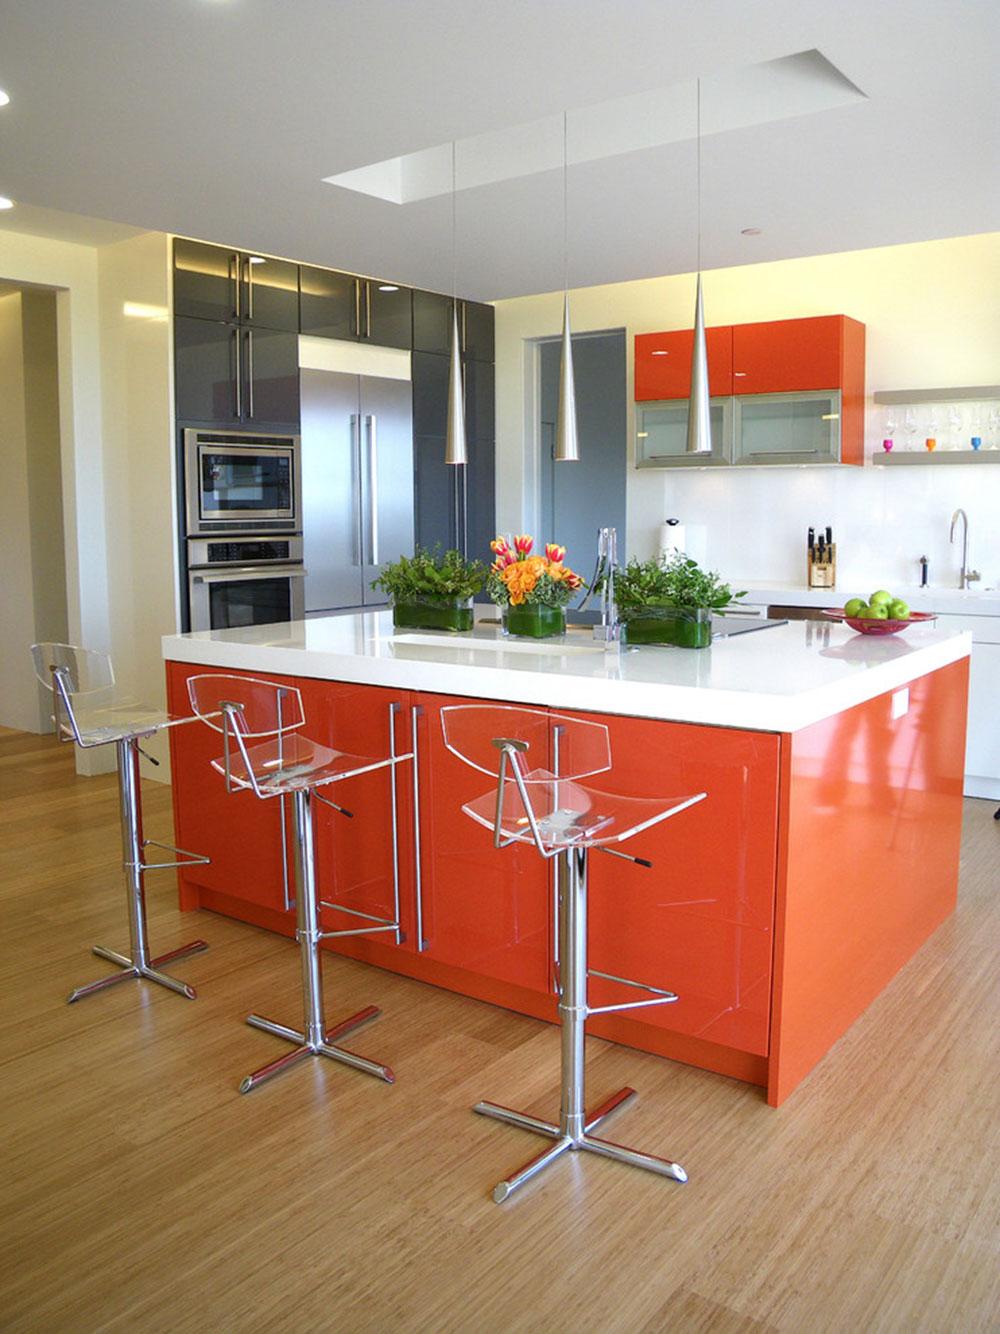 Att välja bra köksmöbler kan vara en utmaning13 Att välja bra köksmöbler kan vara en utmaning